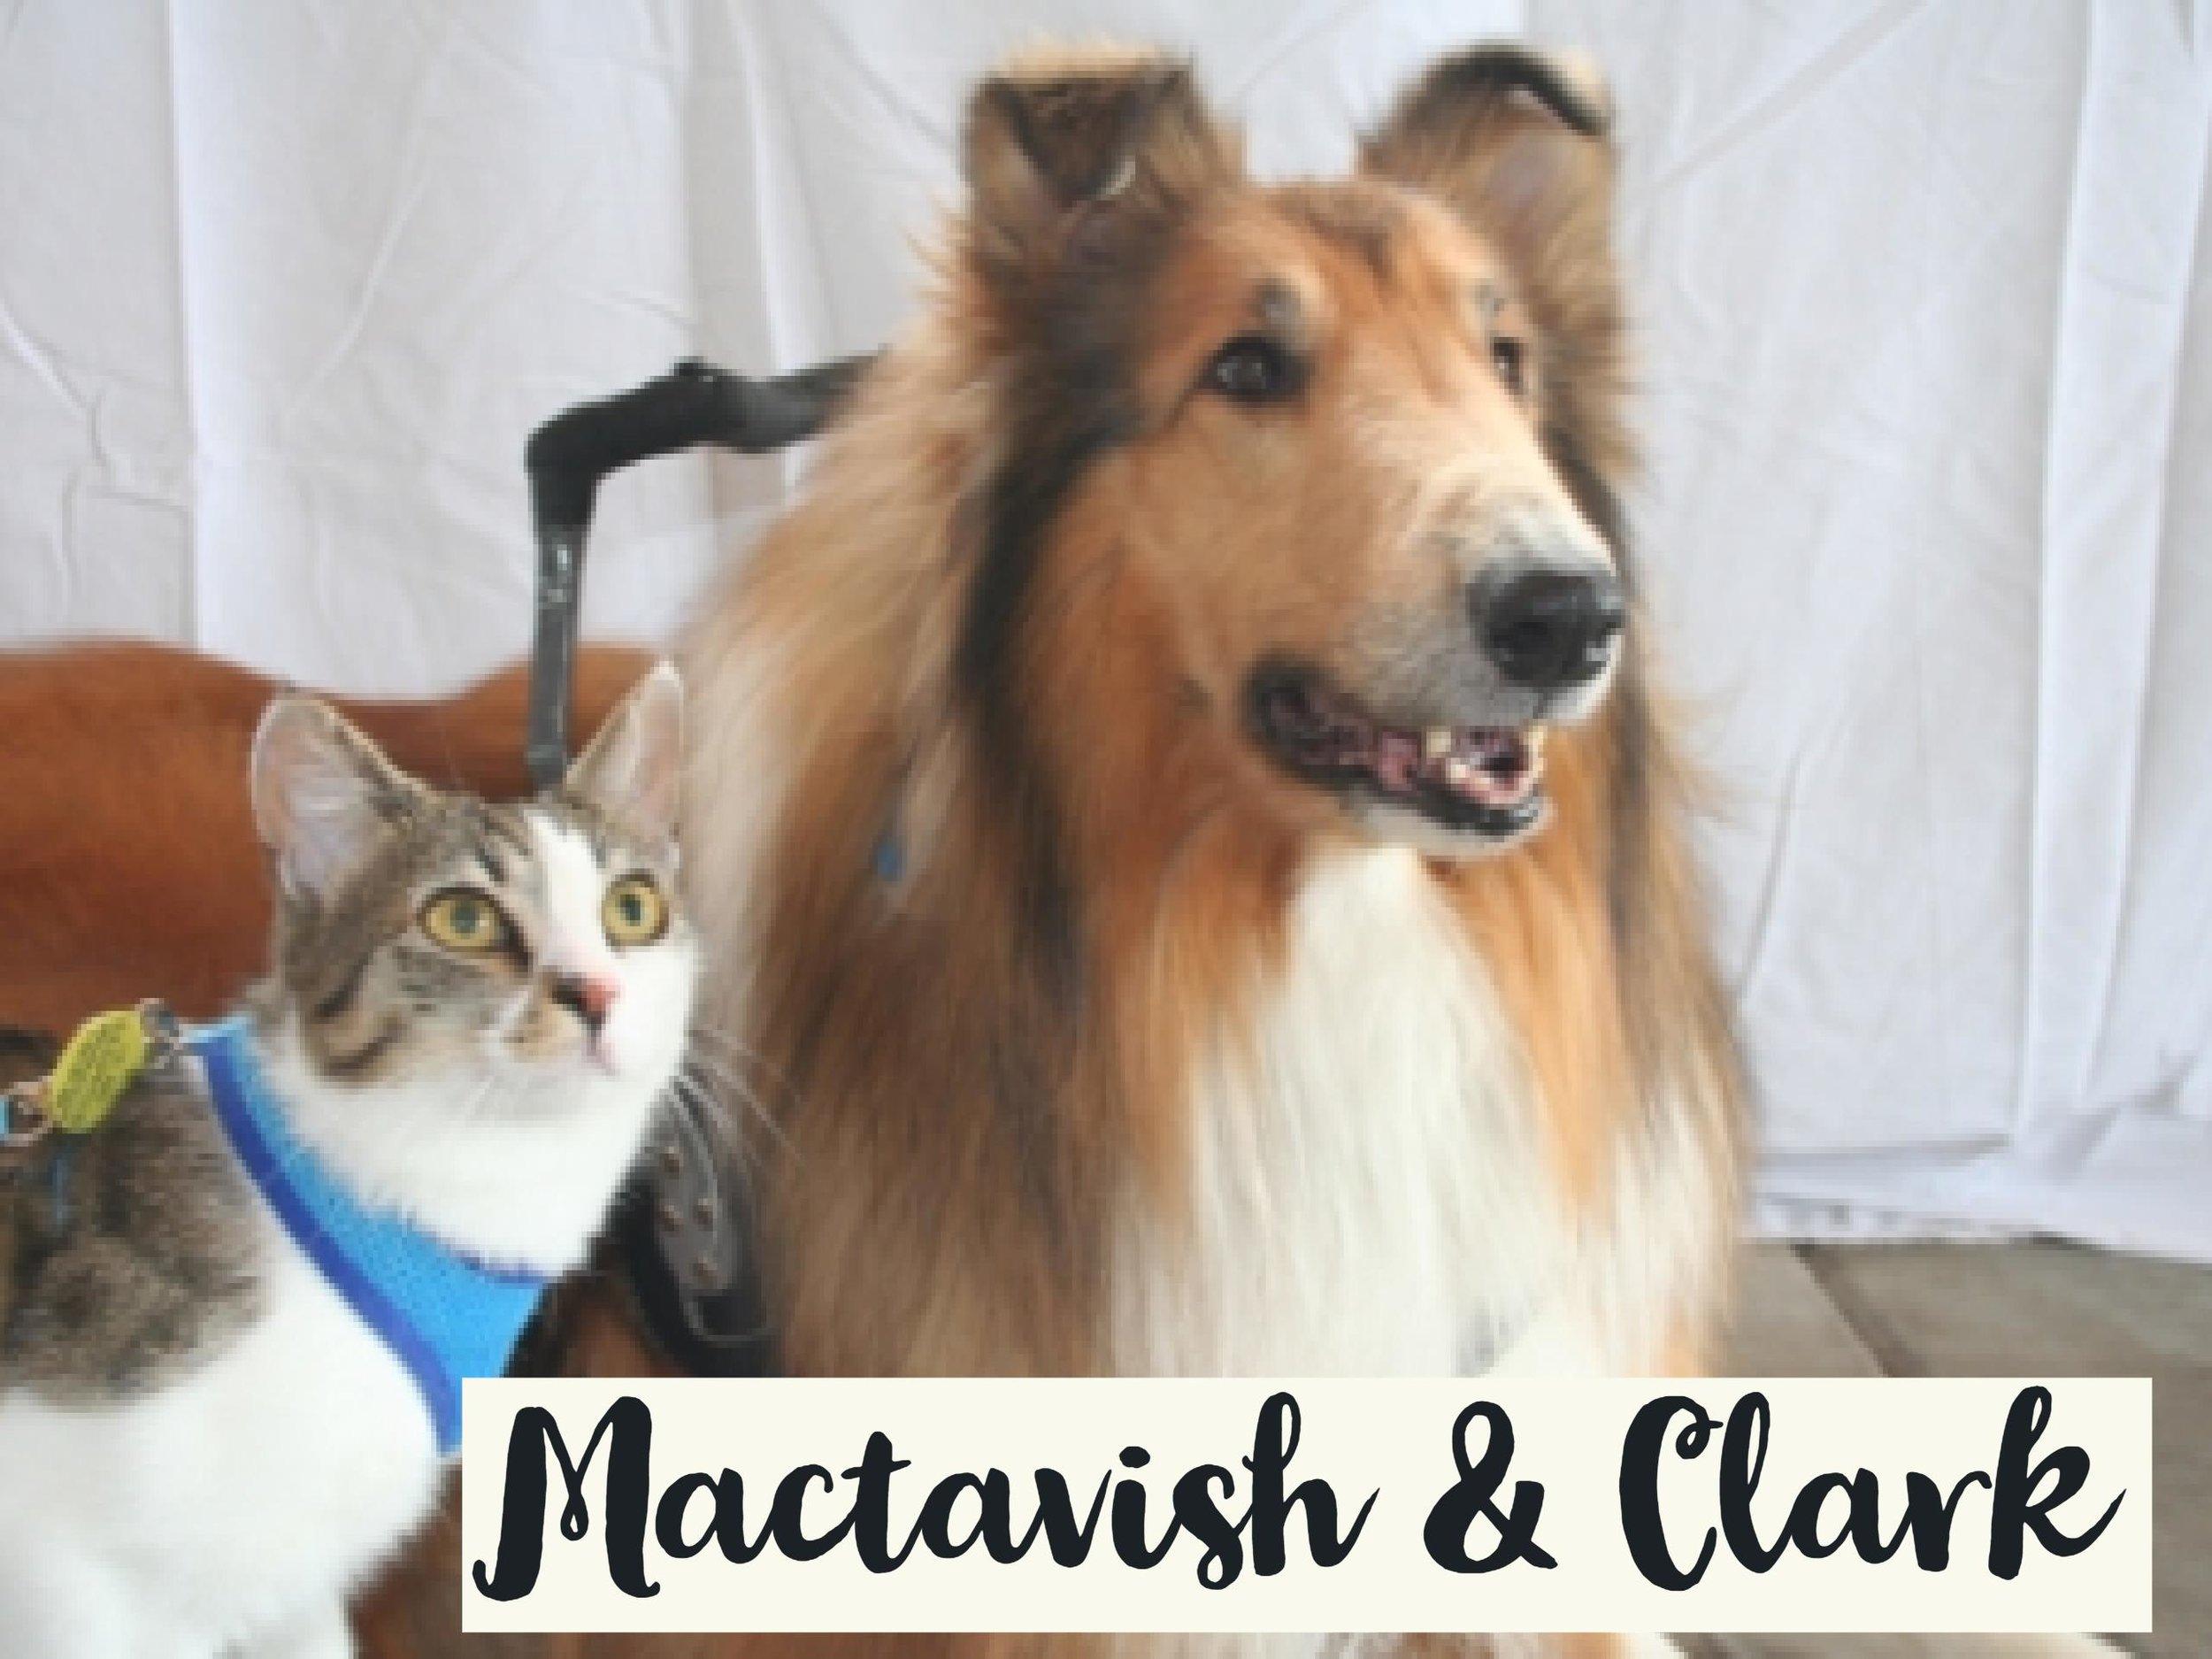 Mactavish-Clark_WV17.jpg